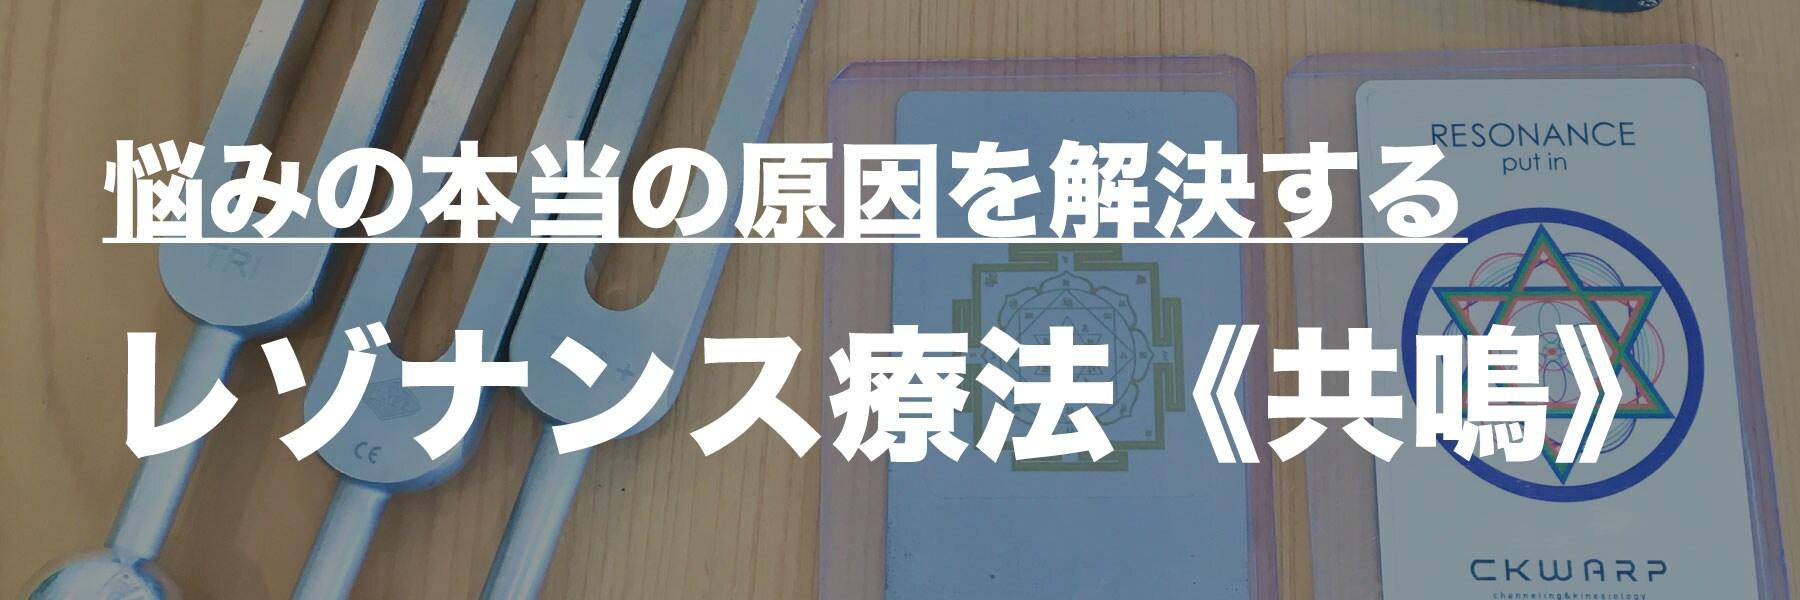 宝塚の鍼灸整体院ボディリメイク